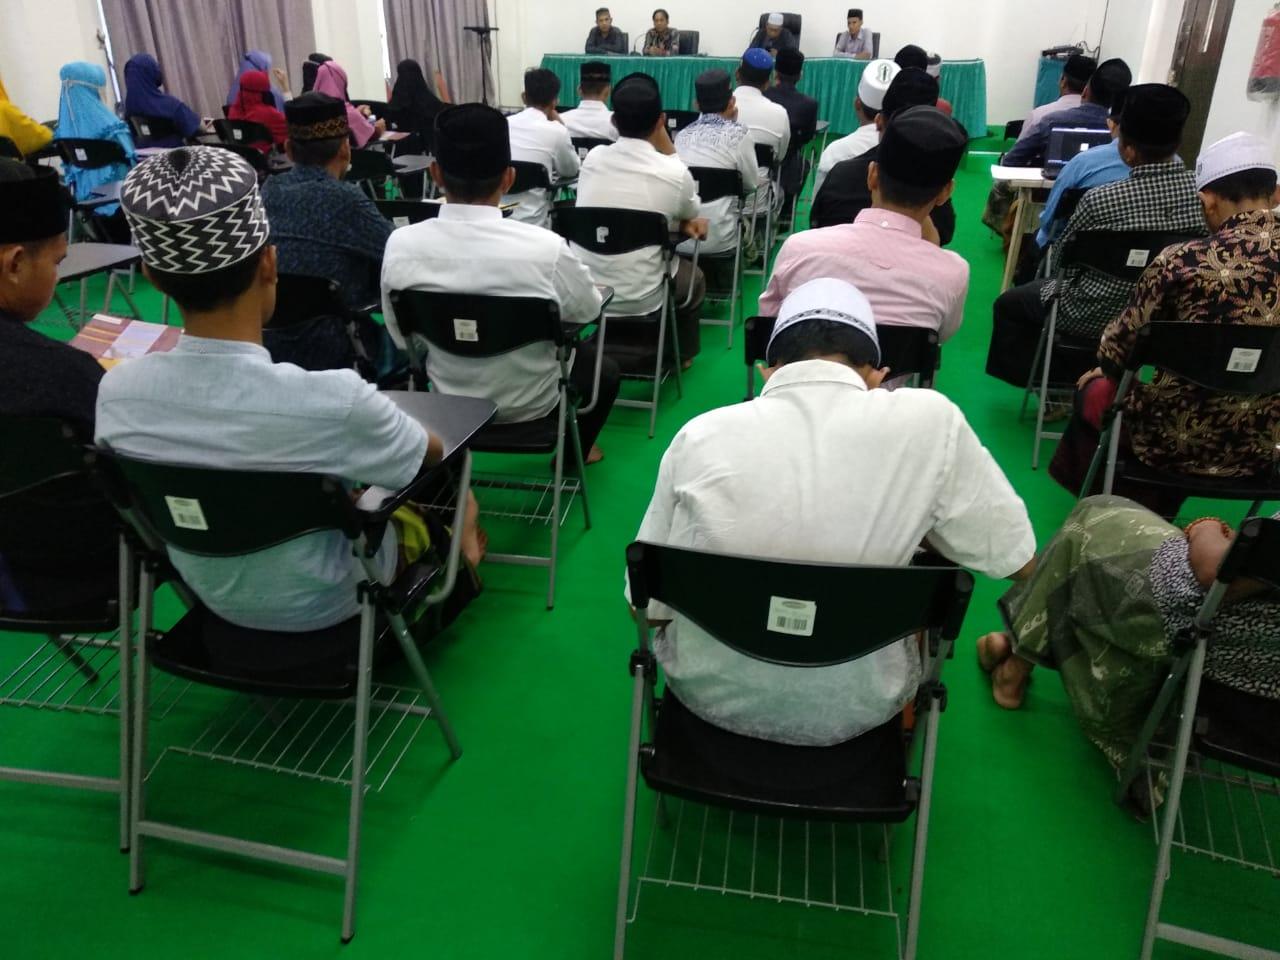 Antusiasnya Peserta Mengikuti Sosialisasi Program Pascasarjana UIN Ar-Raniry Banda Aceh di IAIA